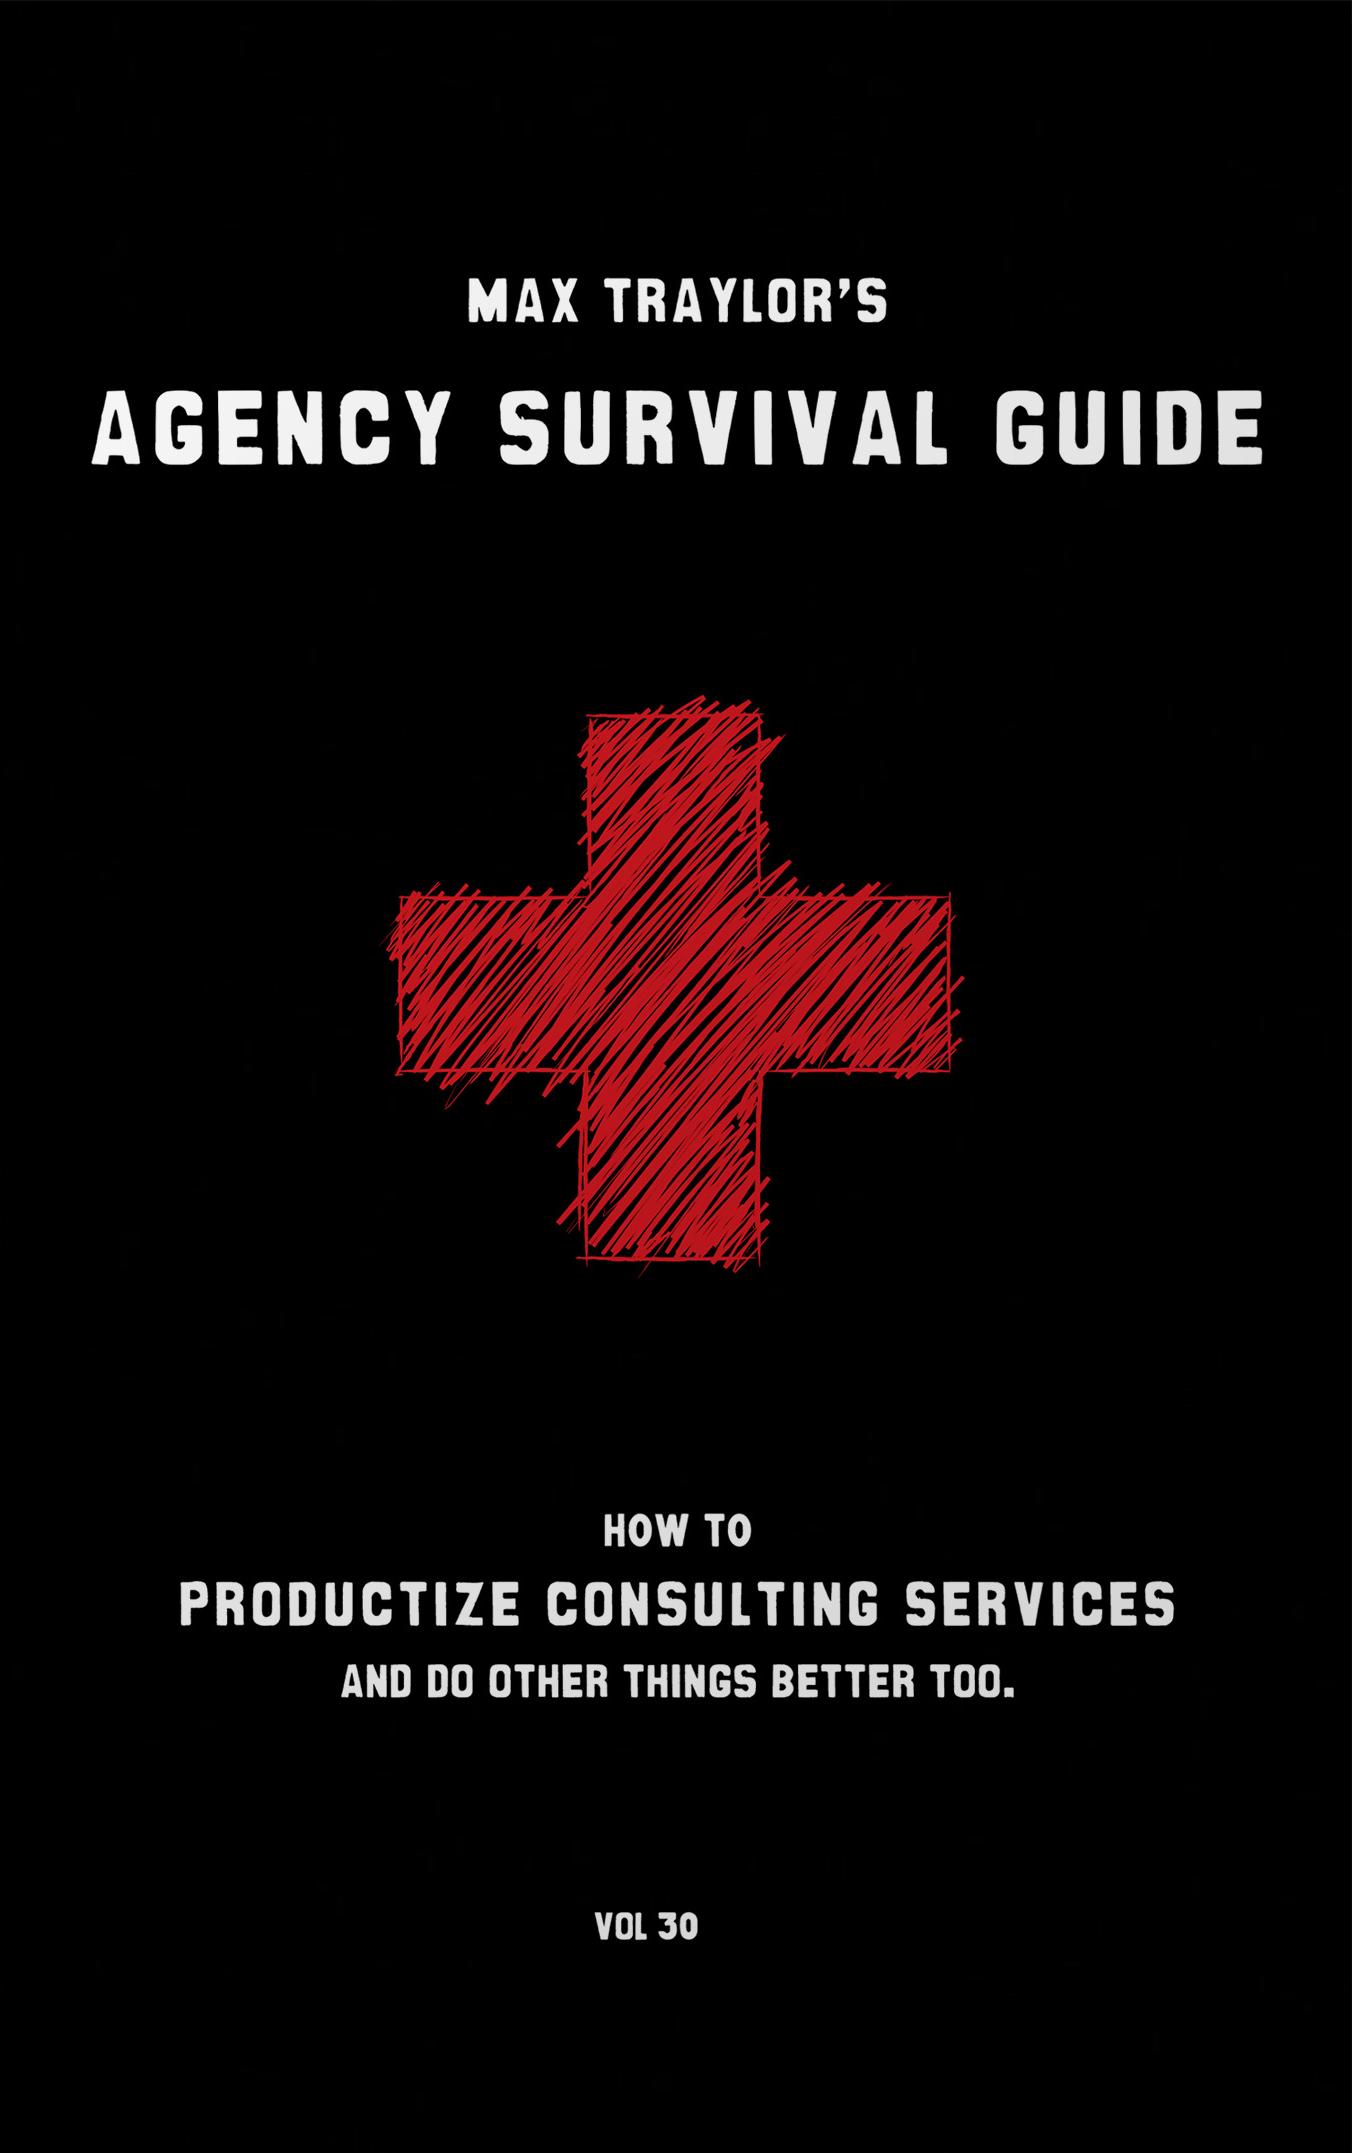 AgencySurvivalGuide-V1-nobkgd-PNG